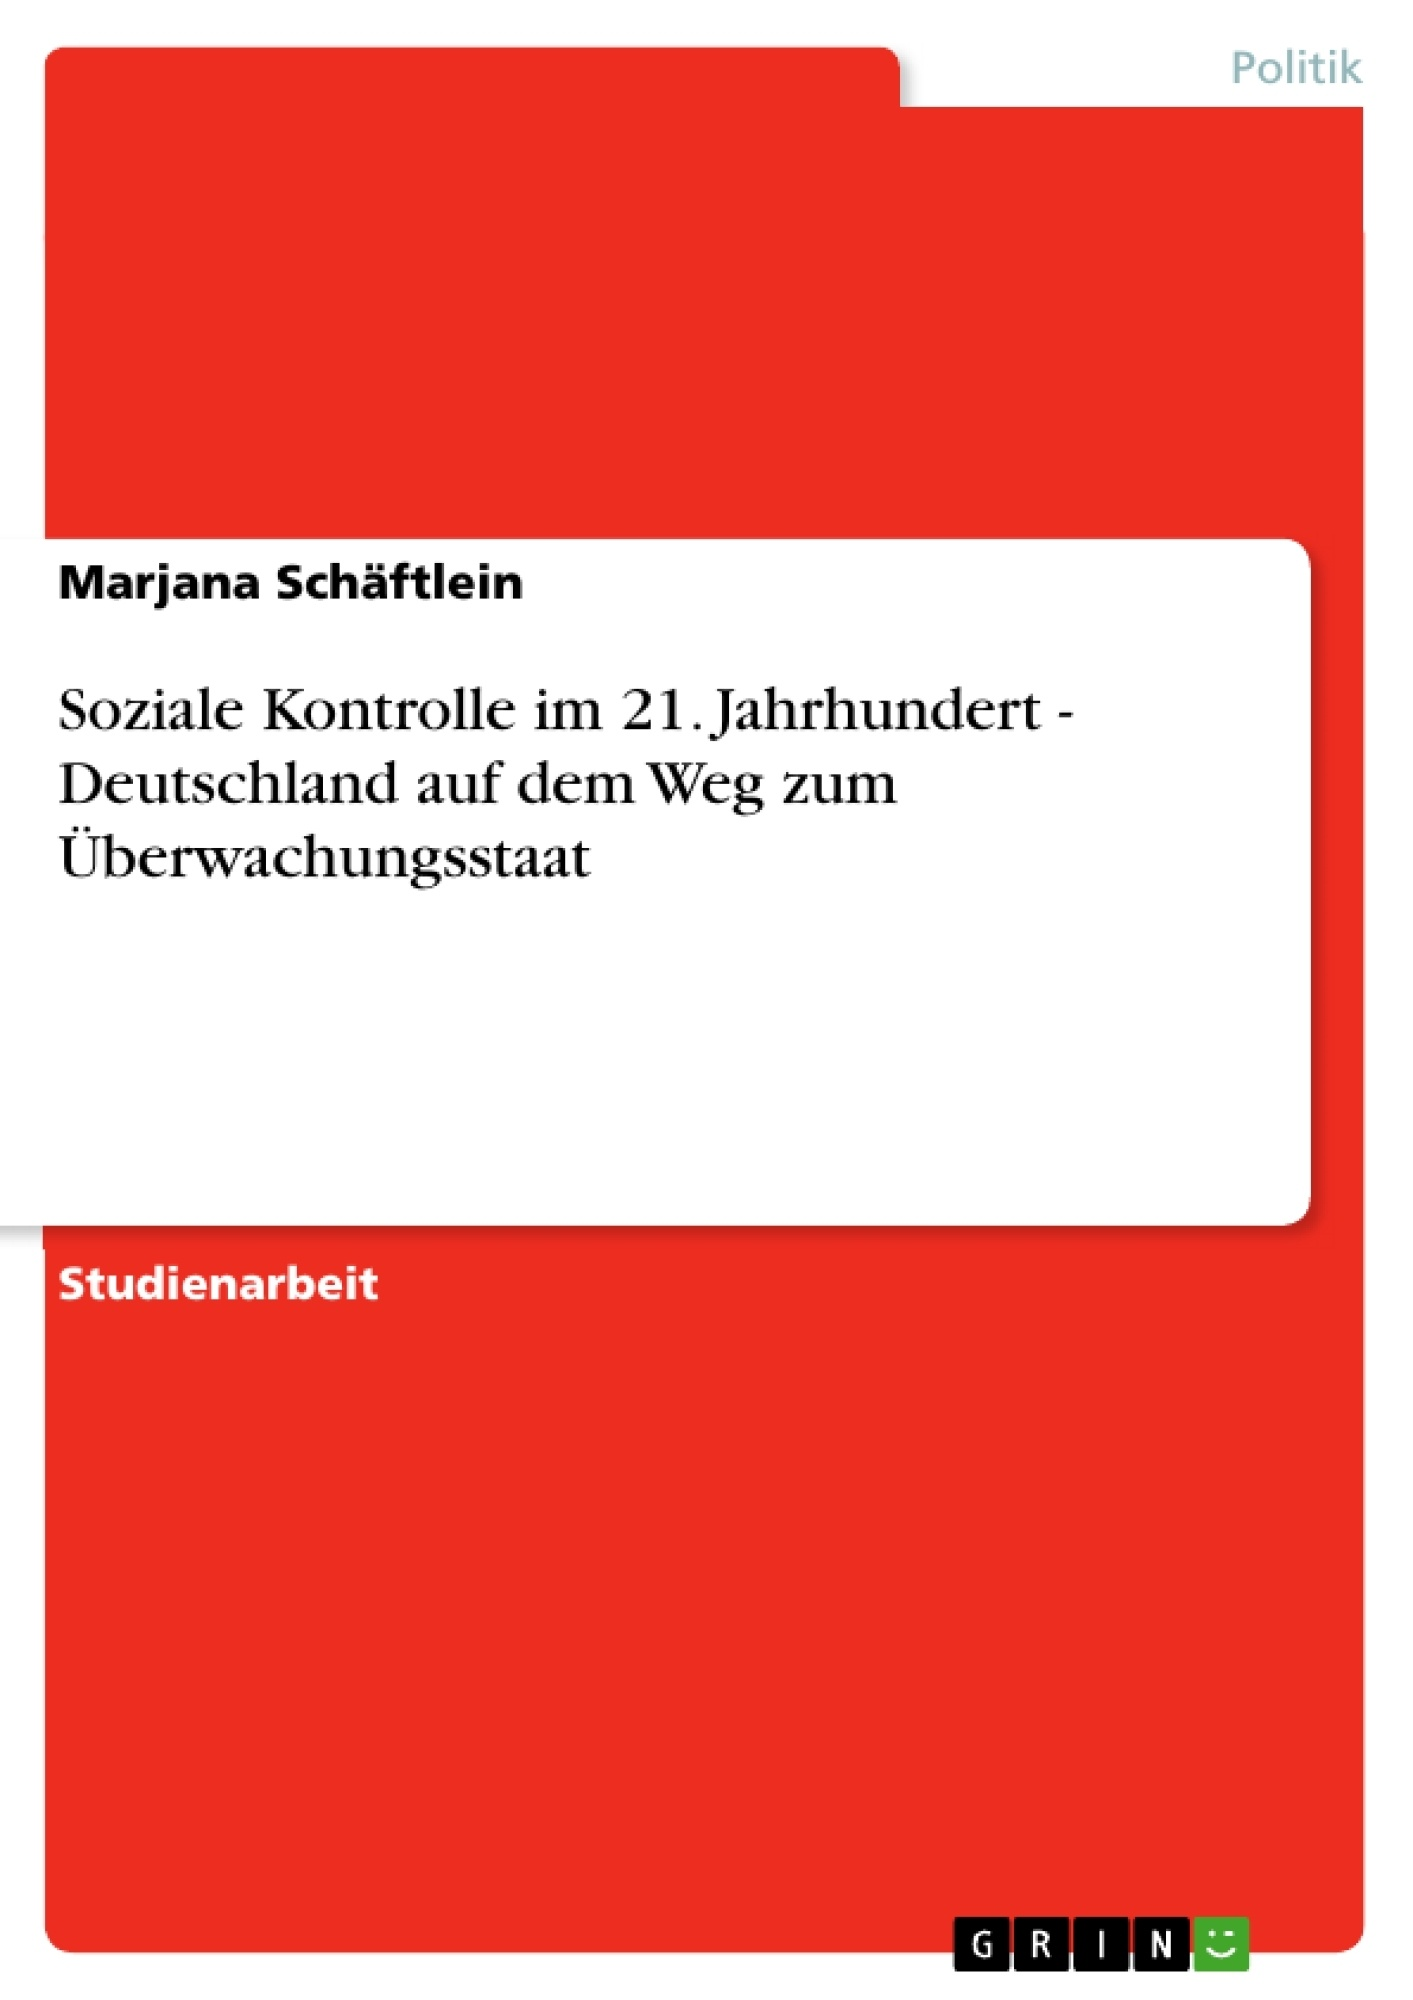 Titel: Soziale Kontrolle im 21. Jahrhundert - Deutschland auf dem Weg zum Überwachungsstaat